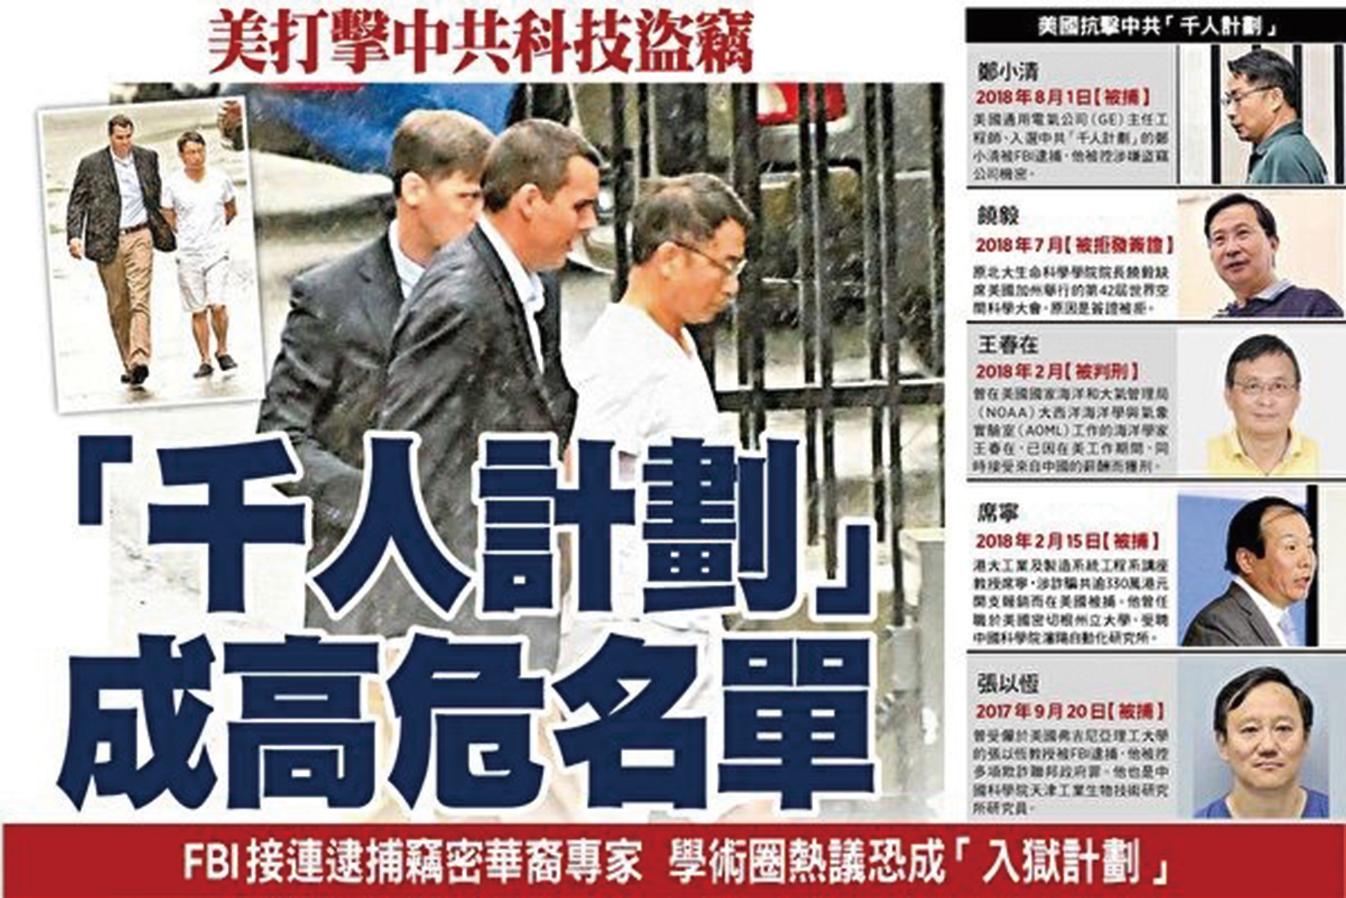 FBI打擊華裔專家竊密,中共「千人計劃」恐成「入獄計劃」。(大紀元)